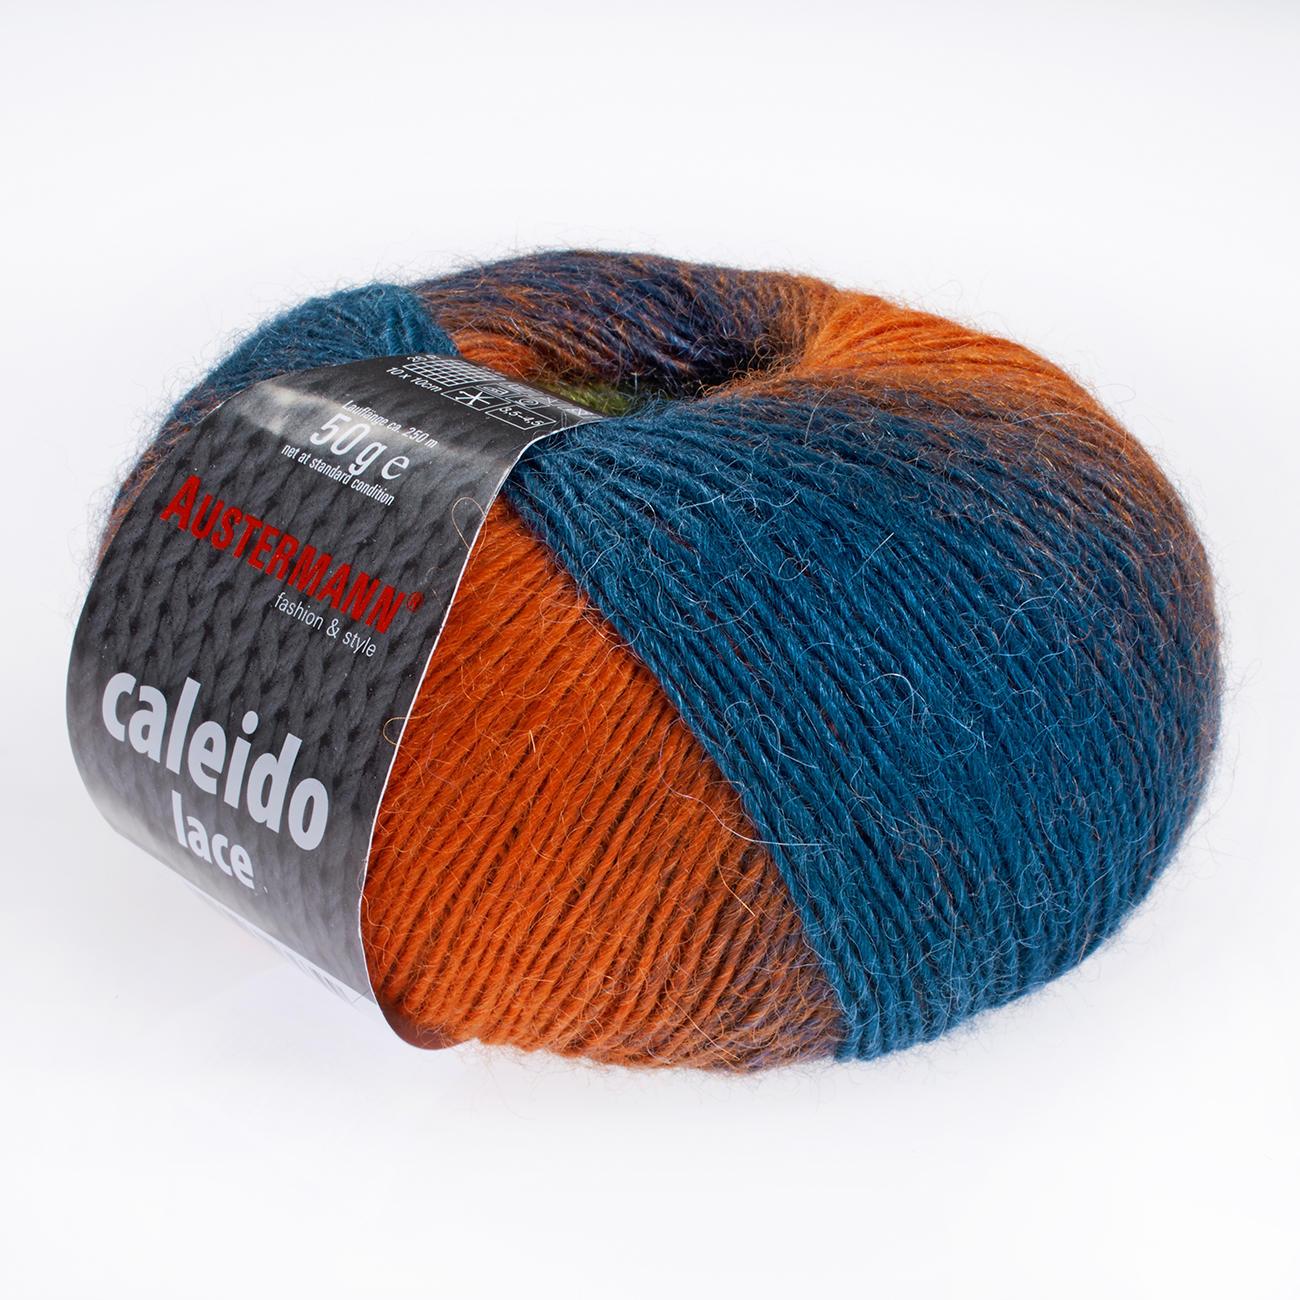 Caleido lace von austermann®, 9 versch. farben